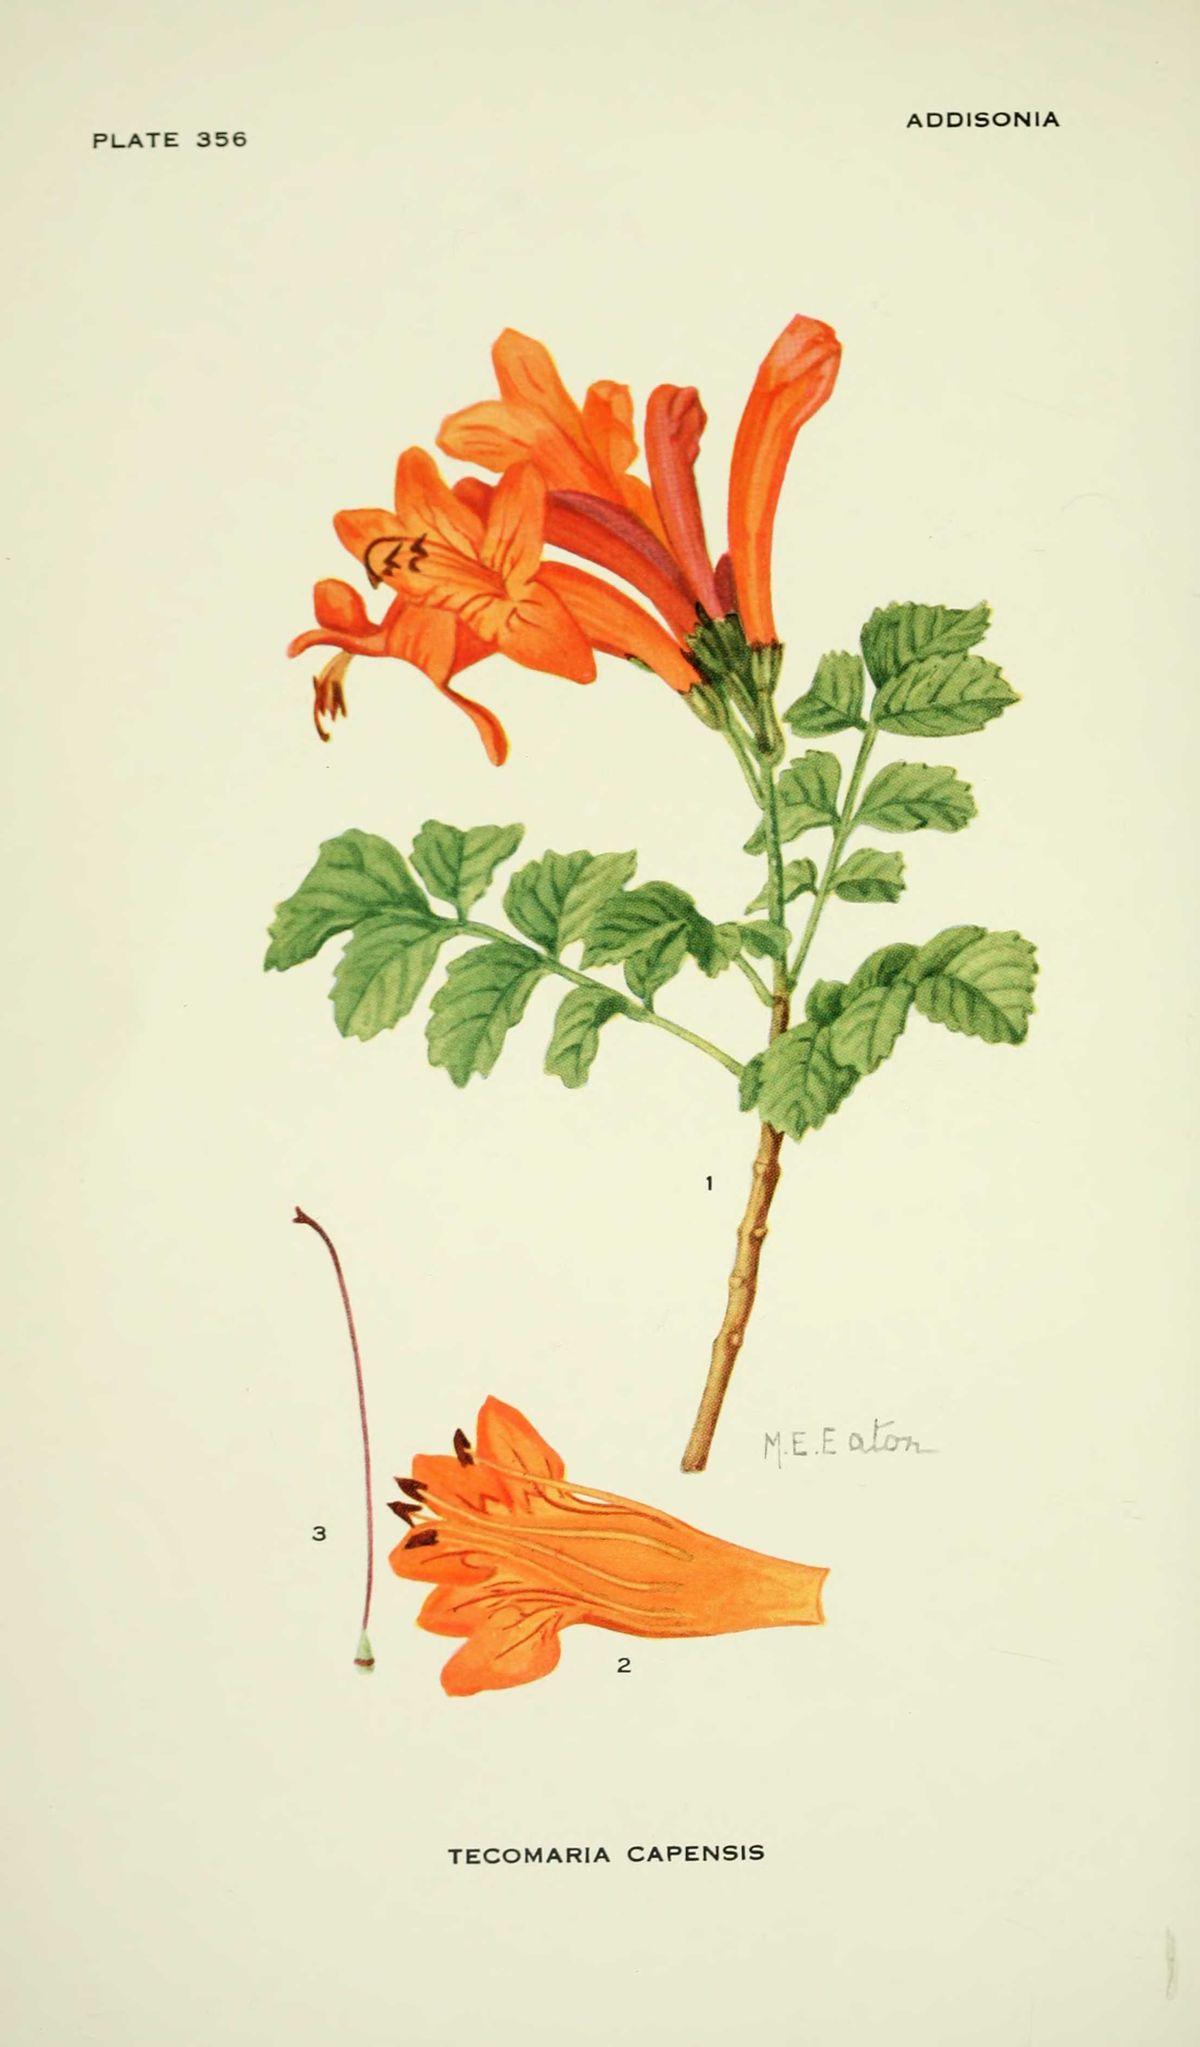 gravures de fleurs addisonia - gravures fleurs addisonia - tecomaria